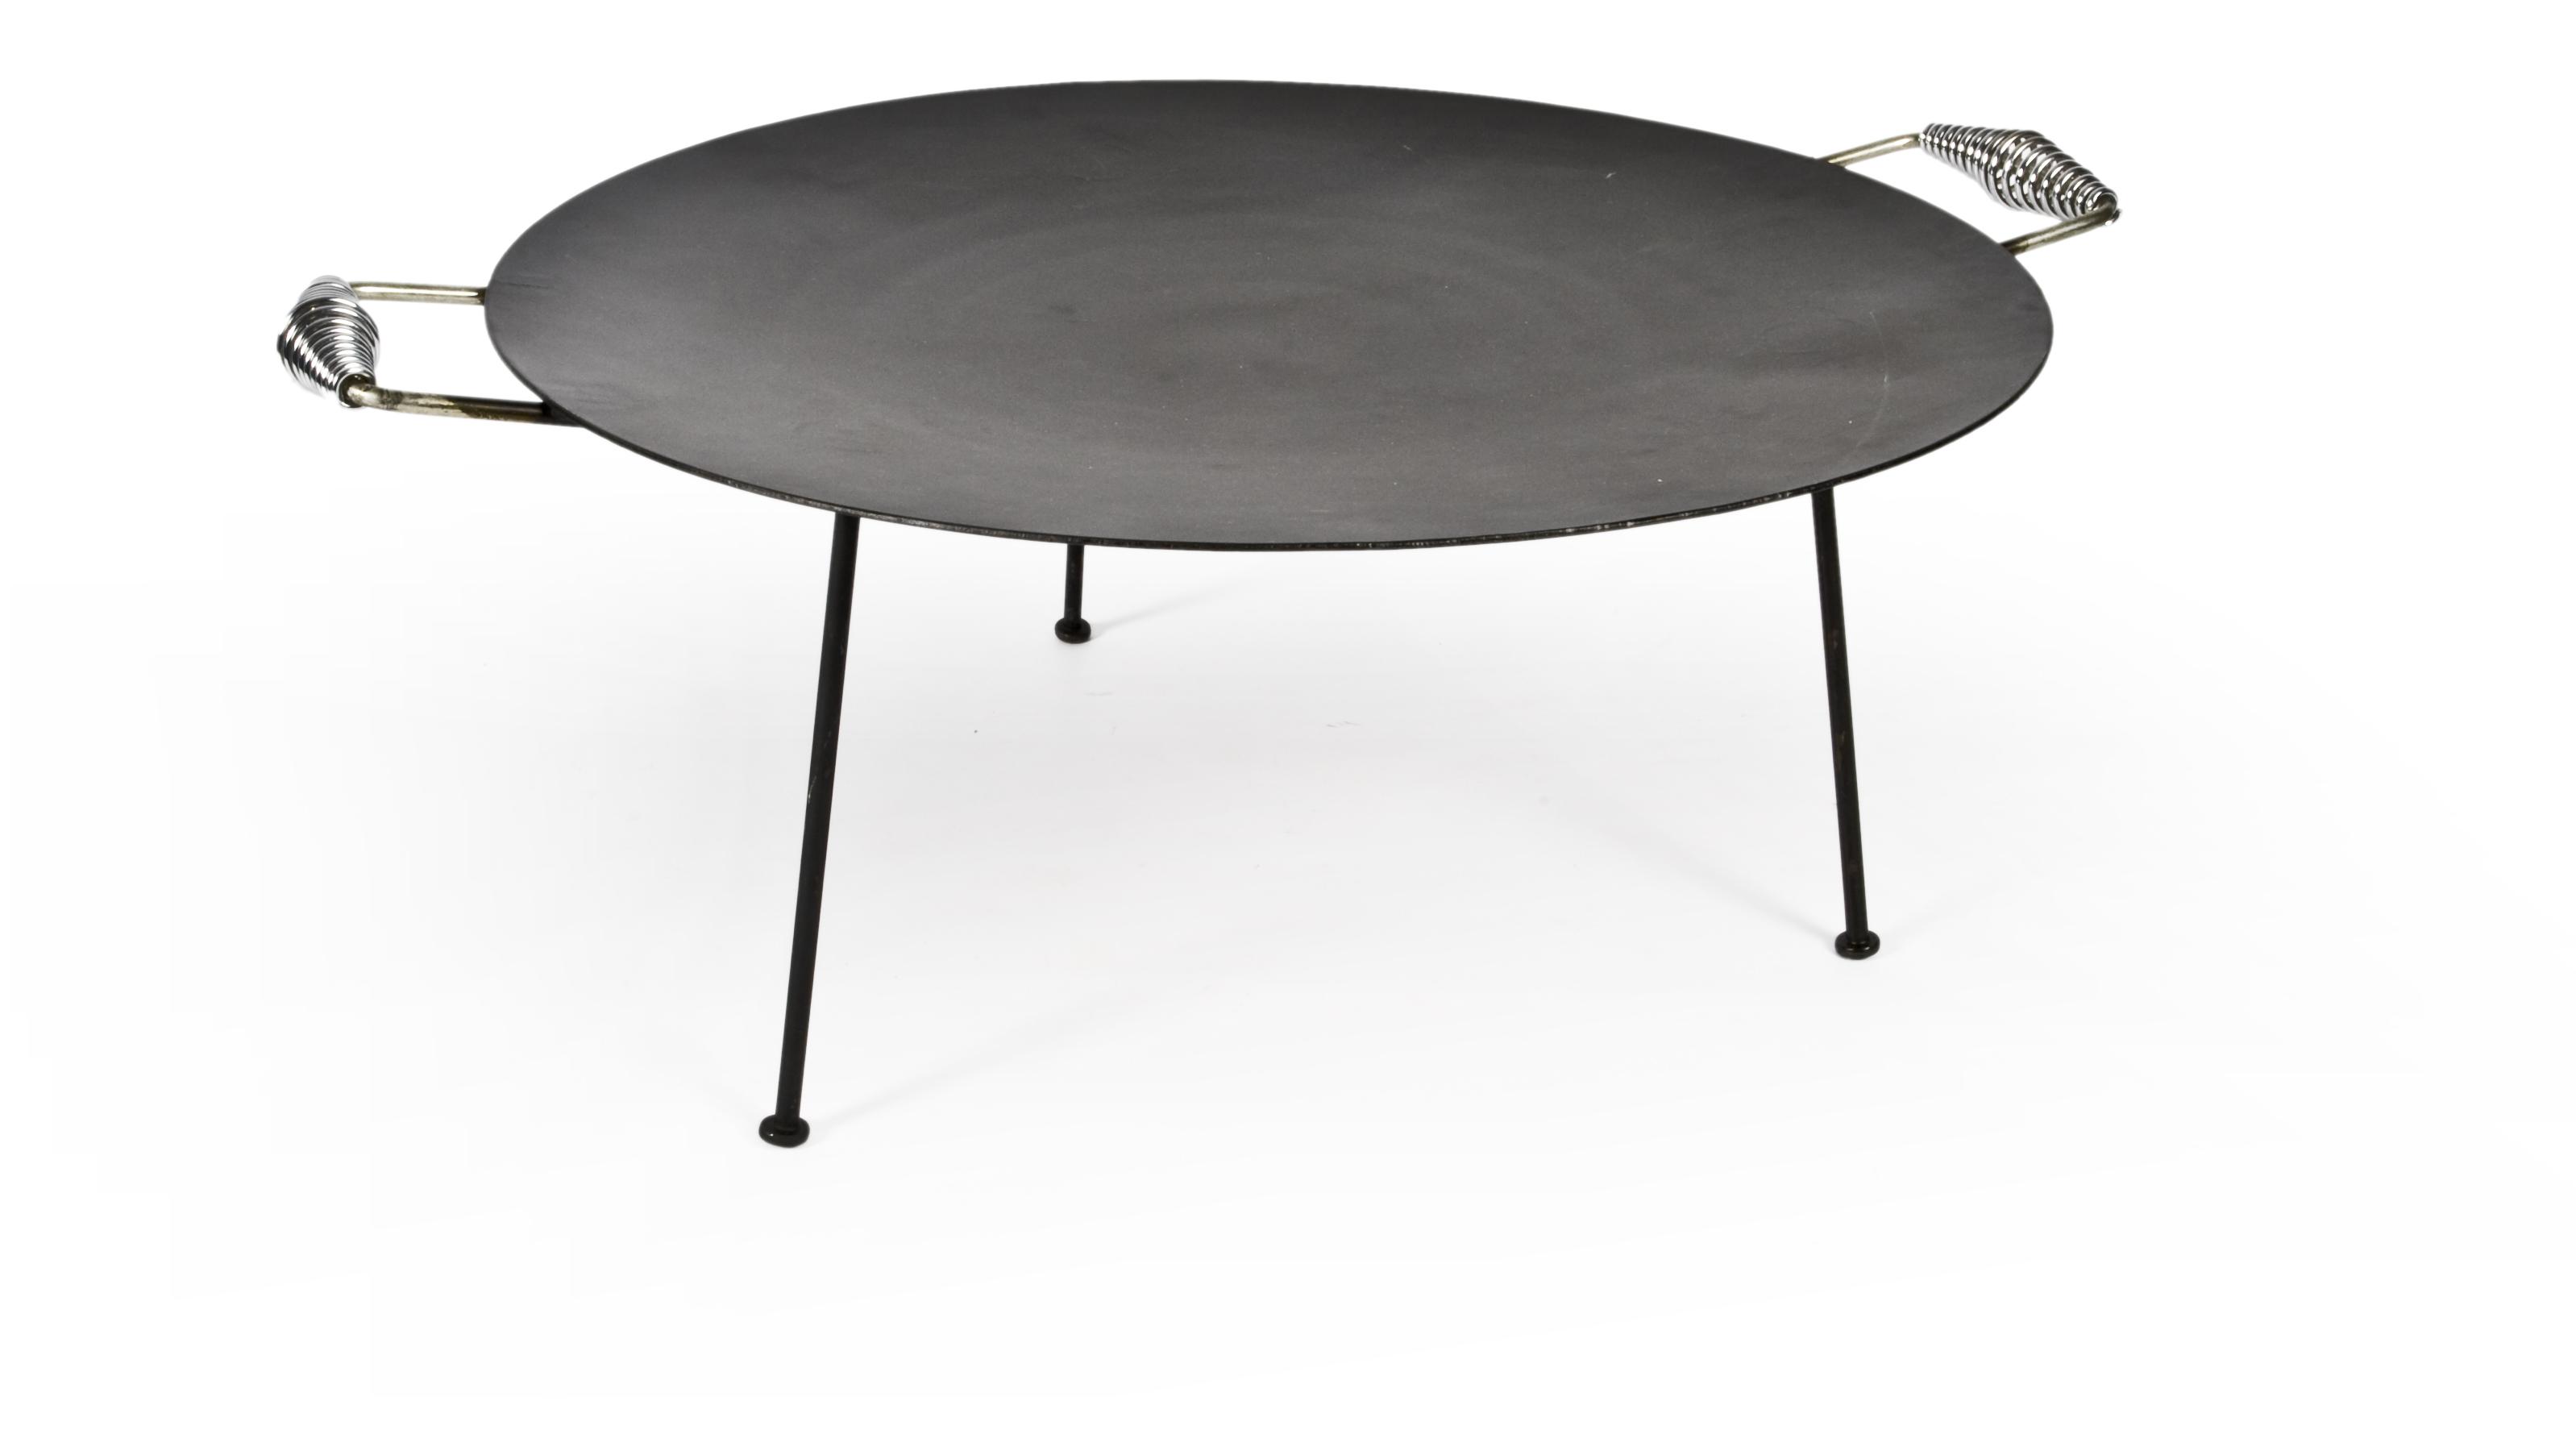 Hällmark Stekhäll 58 cm